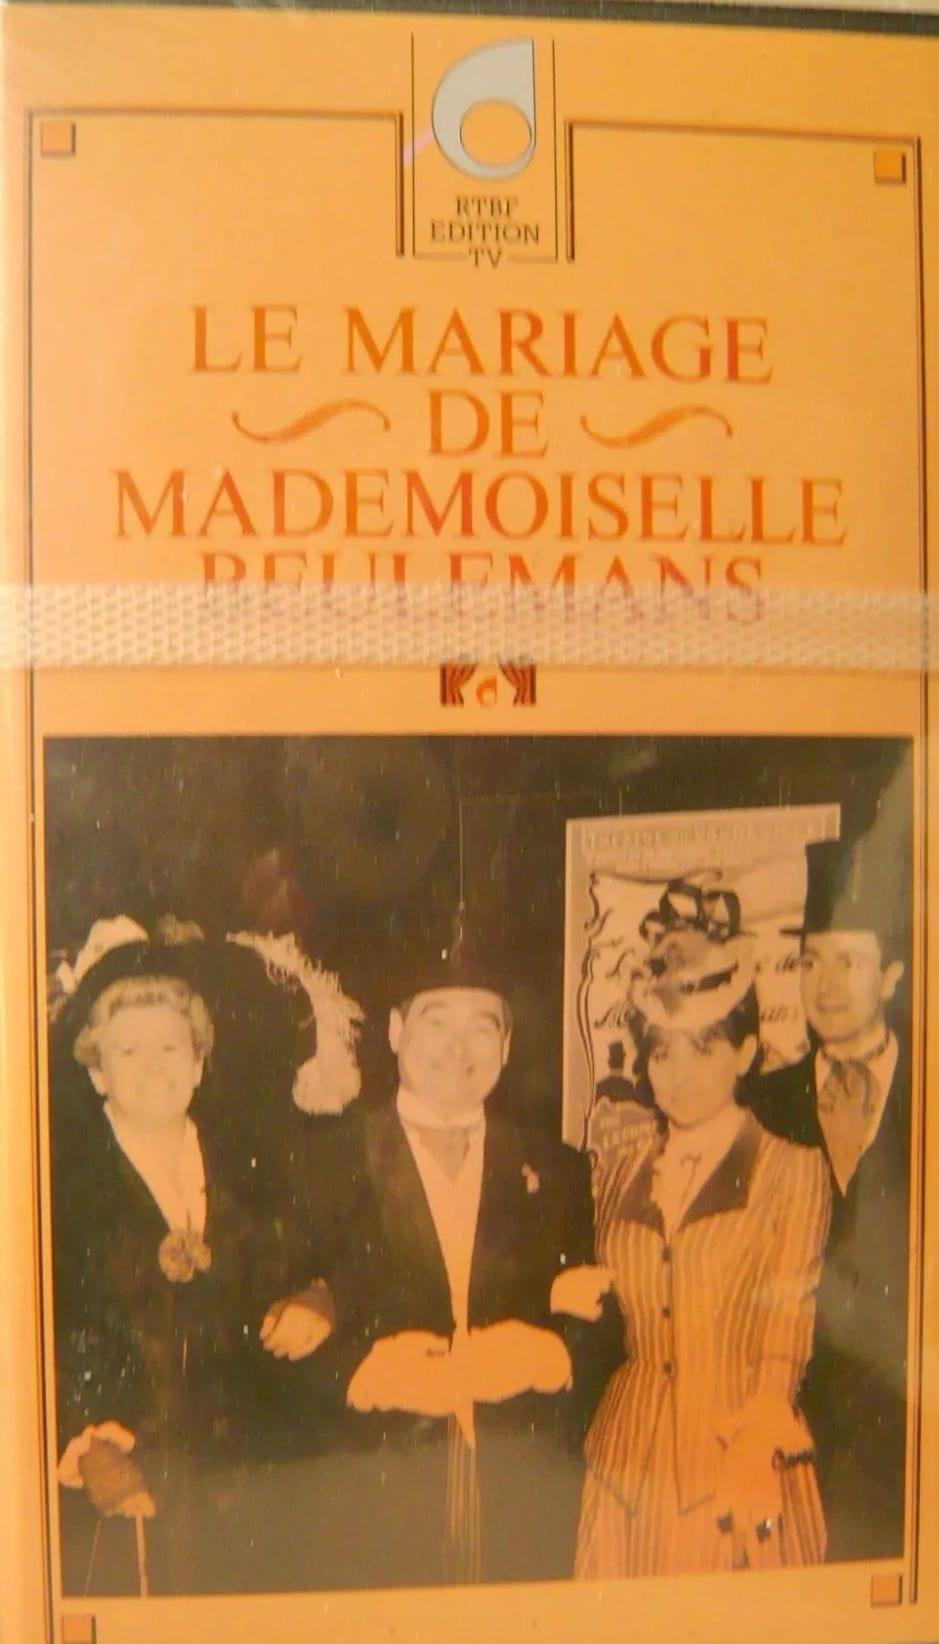 Le mariage de Mademoiselle Beulemans (1967)